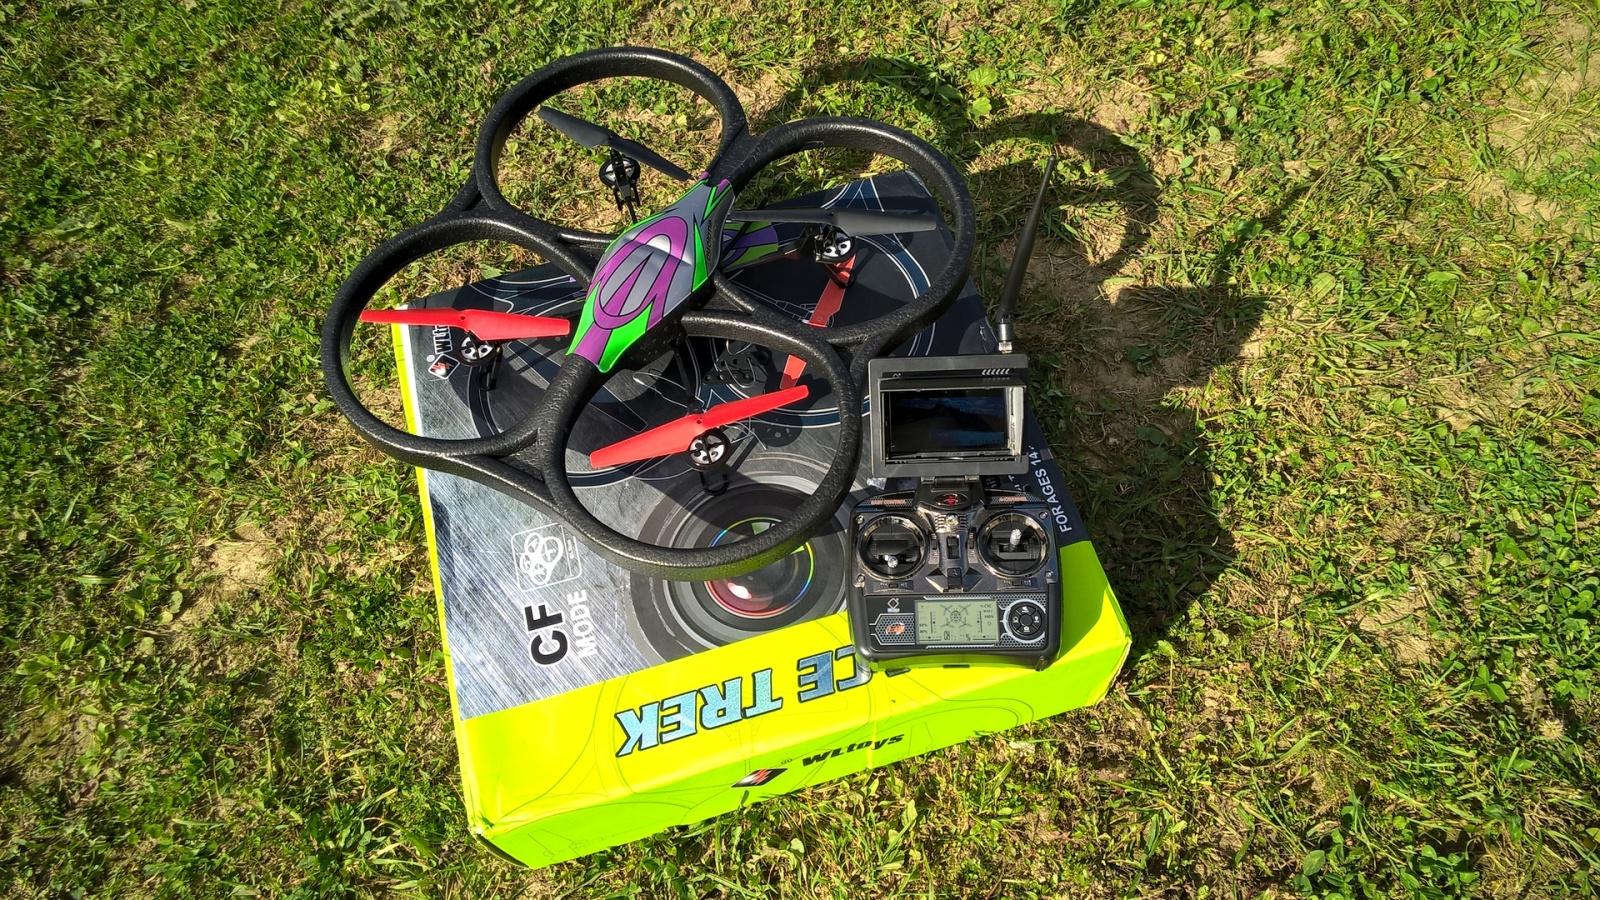 Дьявольский квадрокоптер за 100$ с онлайн-трансляцией на монитор — WLtoys V666 FPV - 8